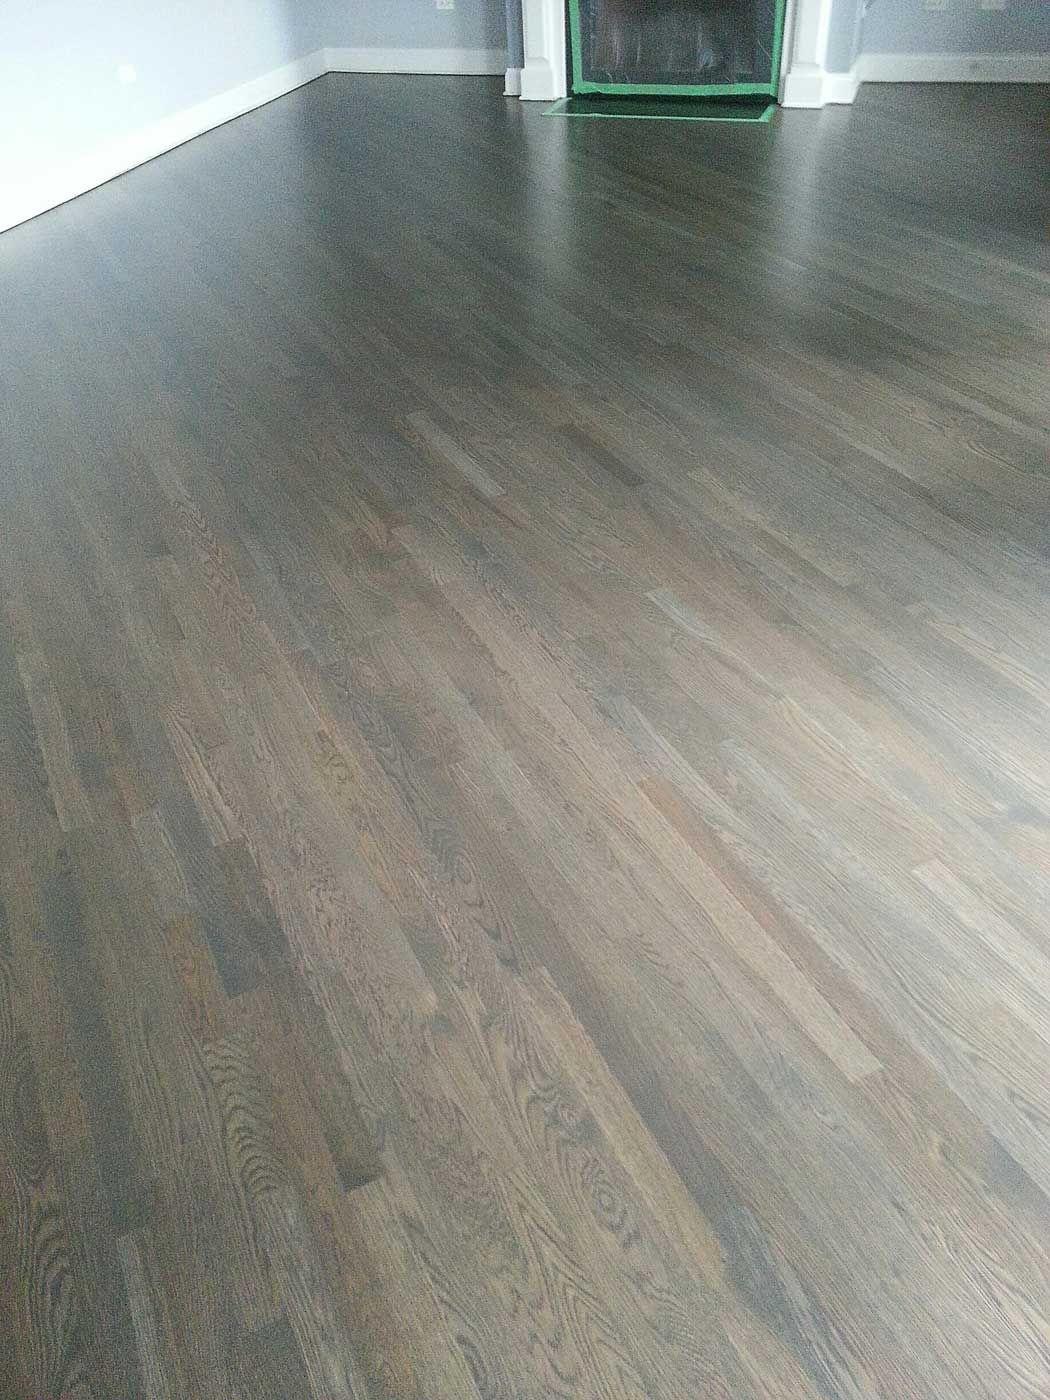 Gallery of Hardwood Flooring Species Red oak wood, Wood